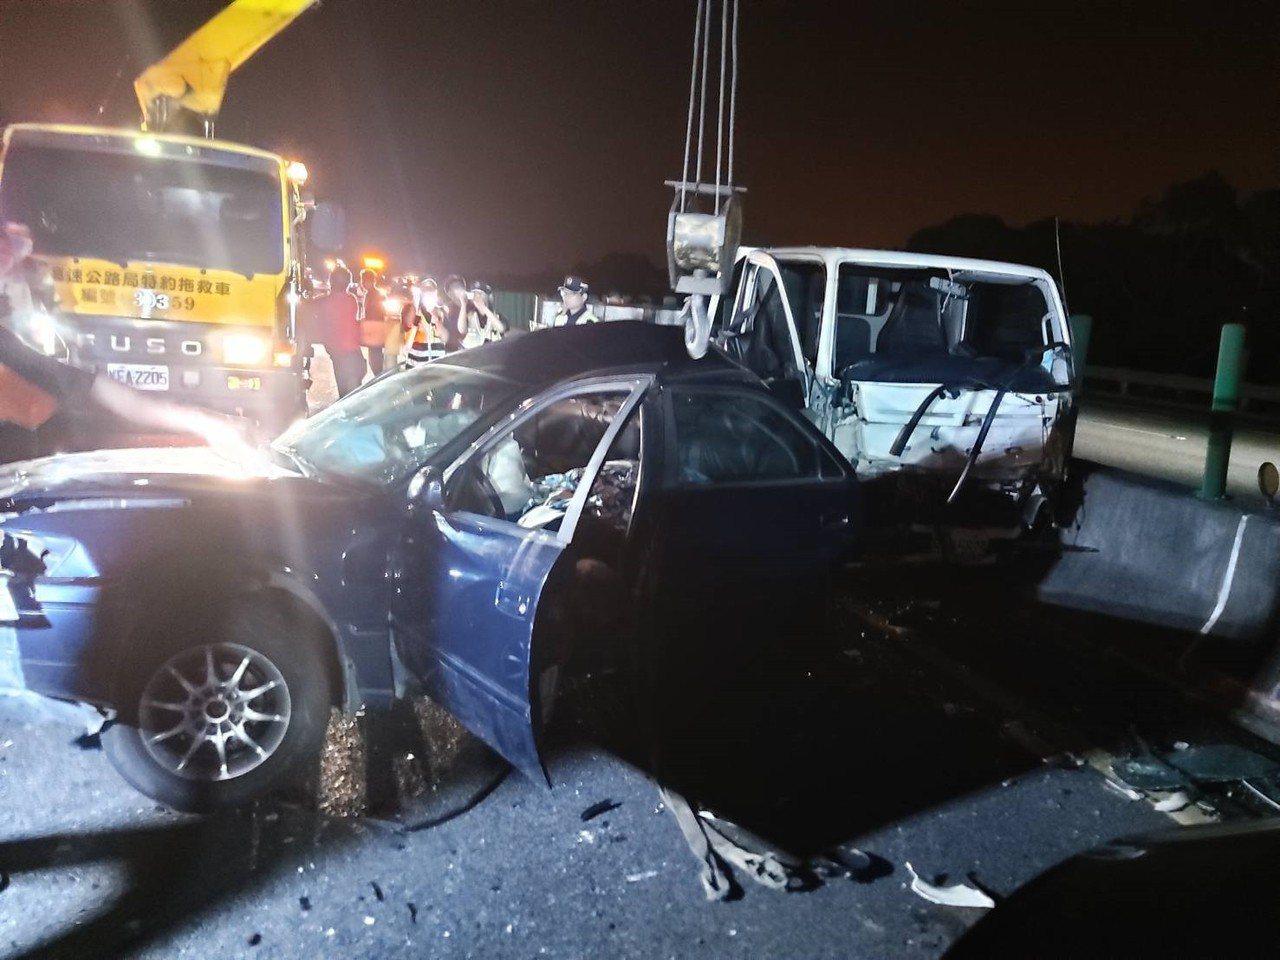 國道三號南下苗栗竹南路段11日深夜11點多發生事故,現場3輛車發生碰撞,車體毀損...